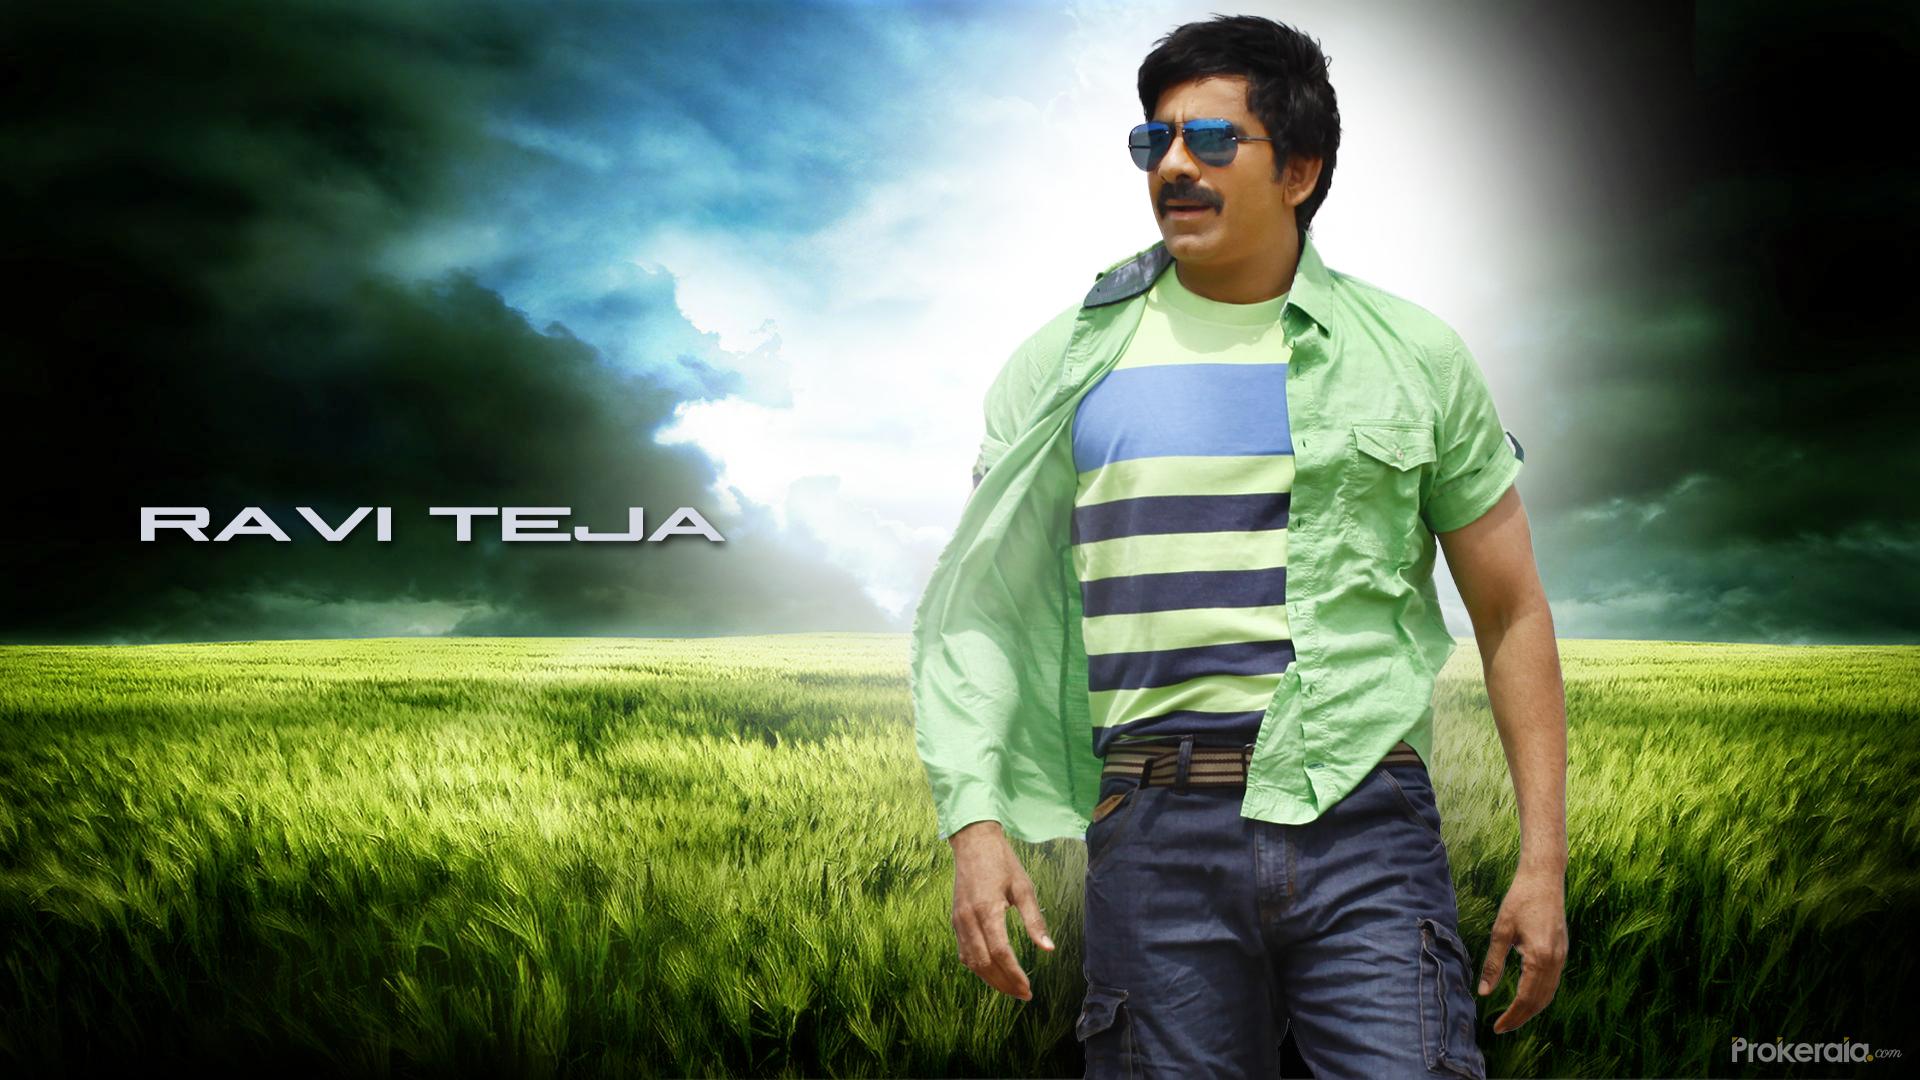 Ravi teja hd wallpaper